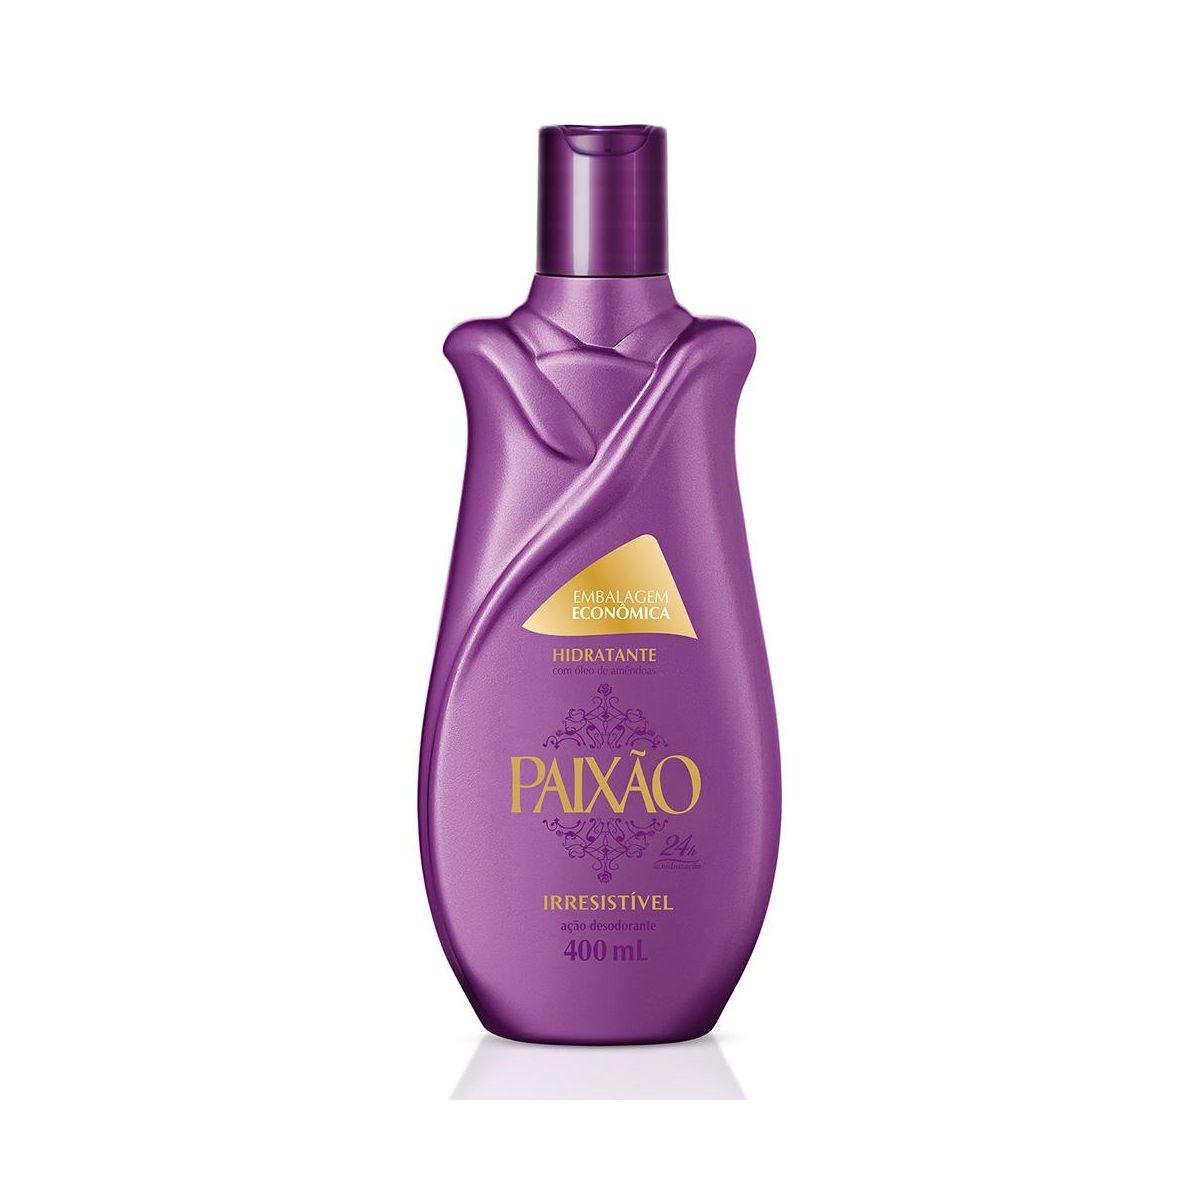 Hidratante Desodorante Paixão Irresistível 400ml 400ml